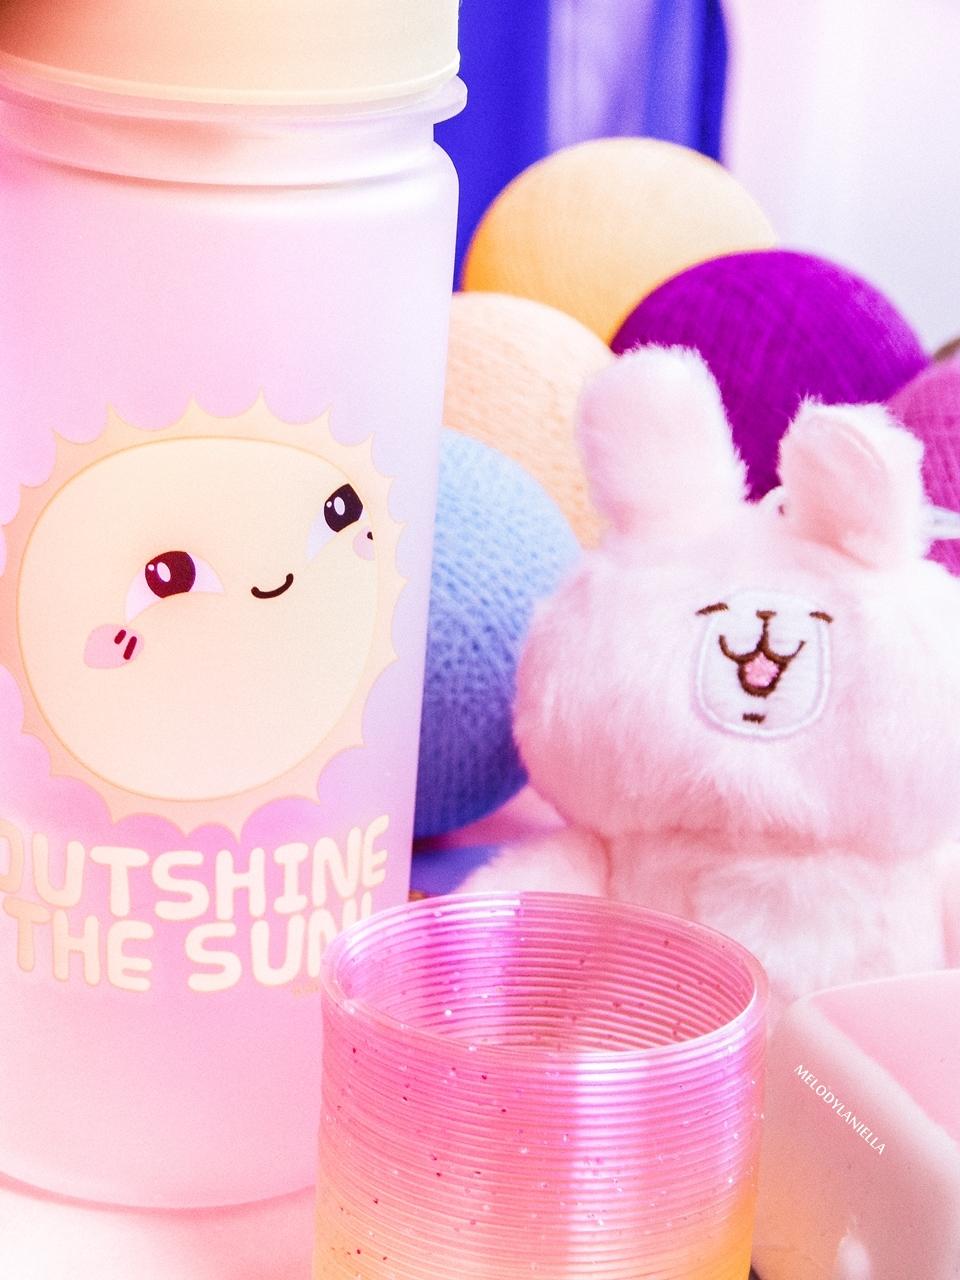 6 kawaii box august sierpień rewiev recenzja giveaway konkurs rozdanie gadżety z japonii kolorowe dodatki słodycze z japonii fajne długopisy, butelka na wodę my melody melodylaniella pudding tofu brelok